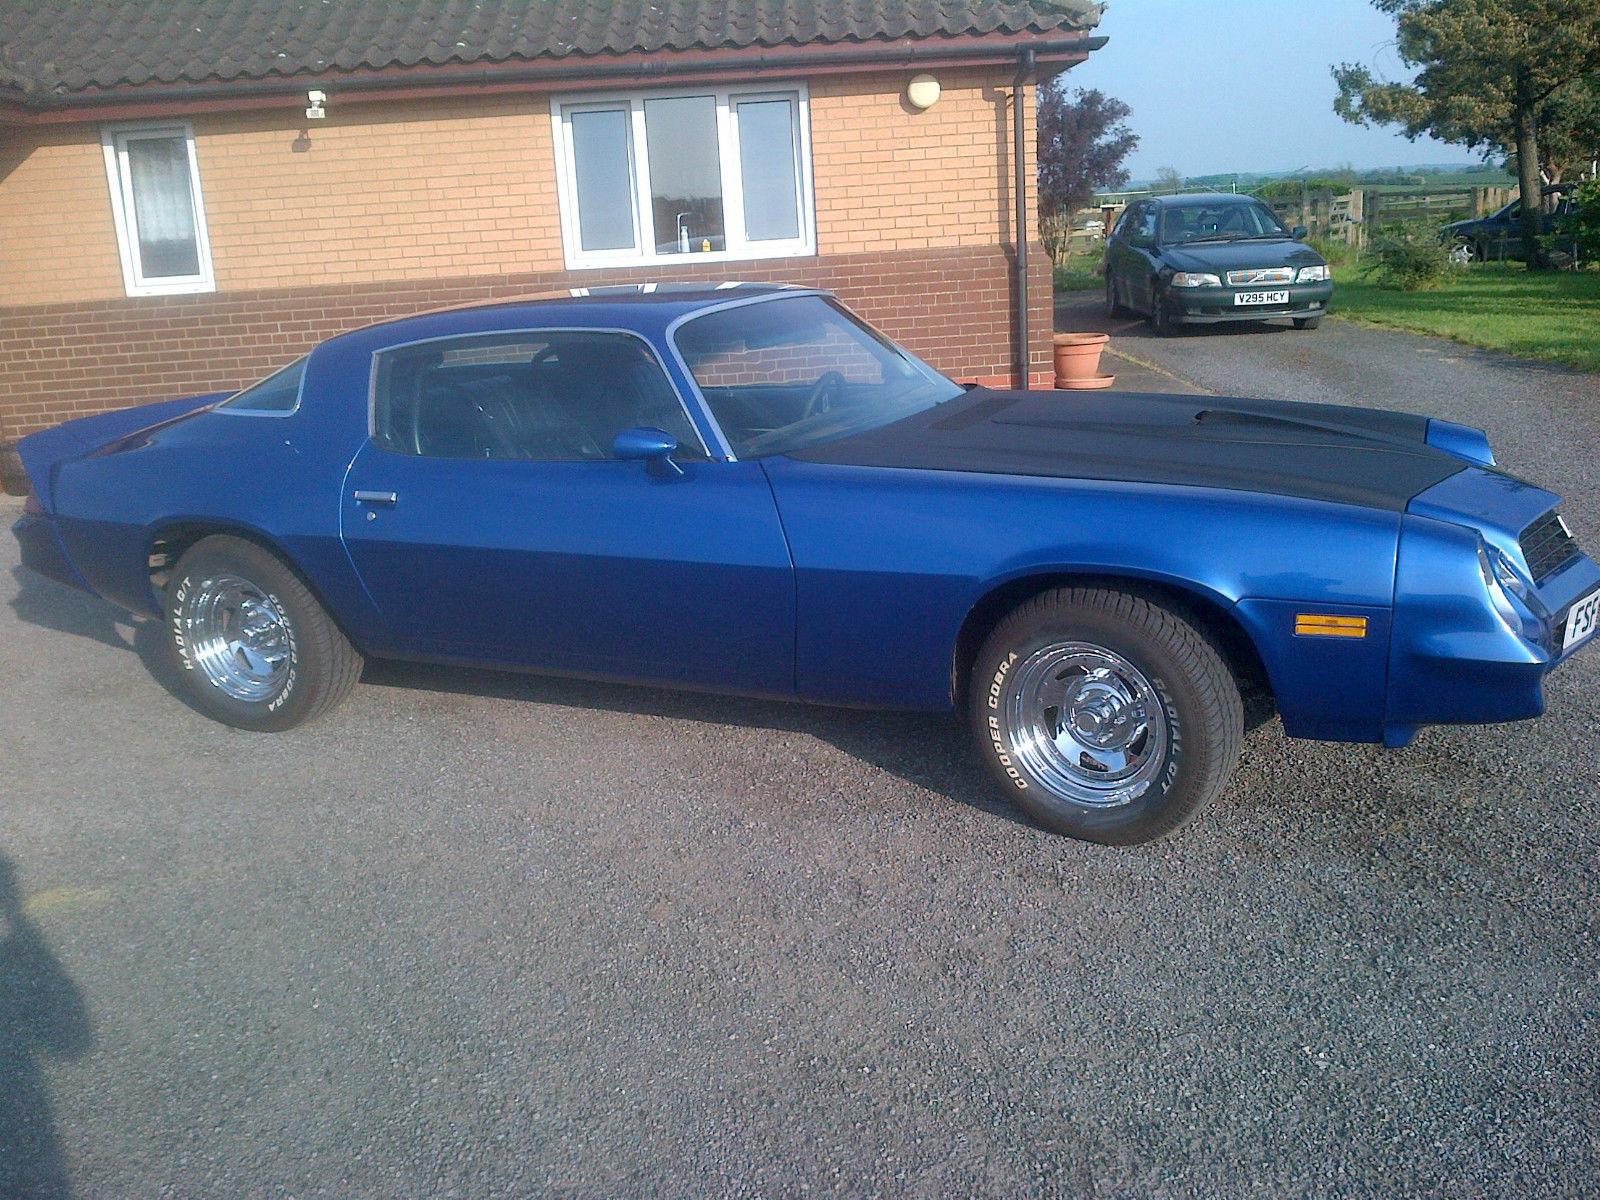 1978 chevrolet camaro z28 350 cu v8 185 hp 4 speed sold - Filename 1978chevroletcamaro57l12 Jpg